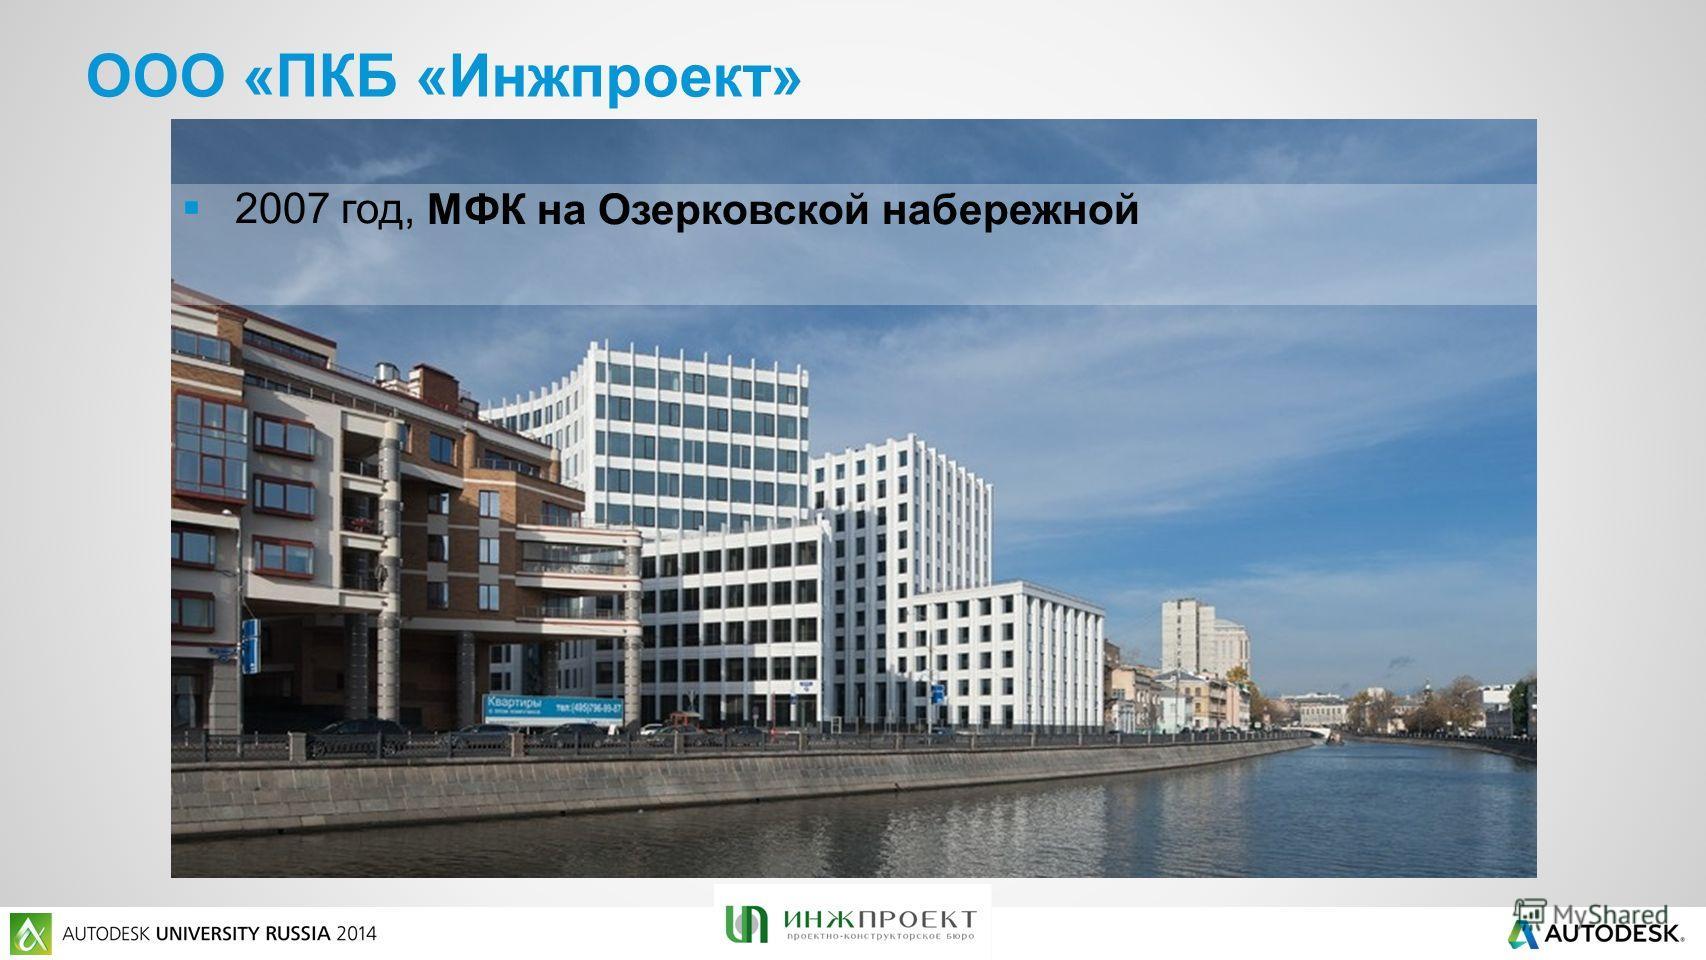 ООО «ПКБ «Инжпроект» 2007 год, МФК на Озерковской набережной